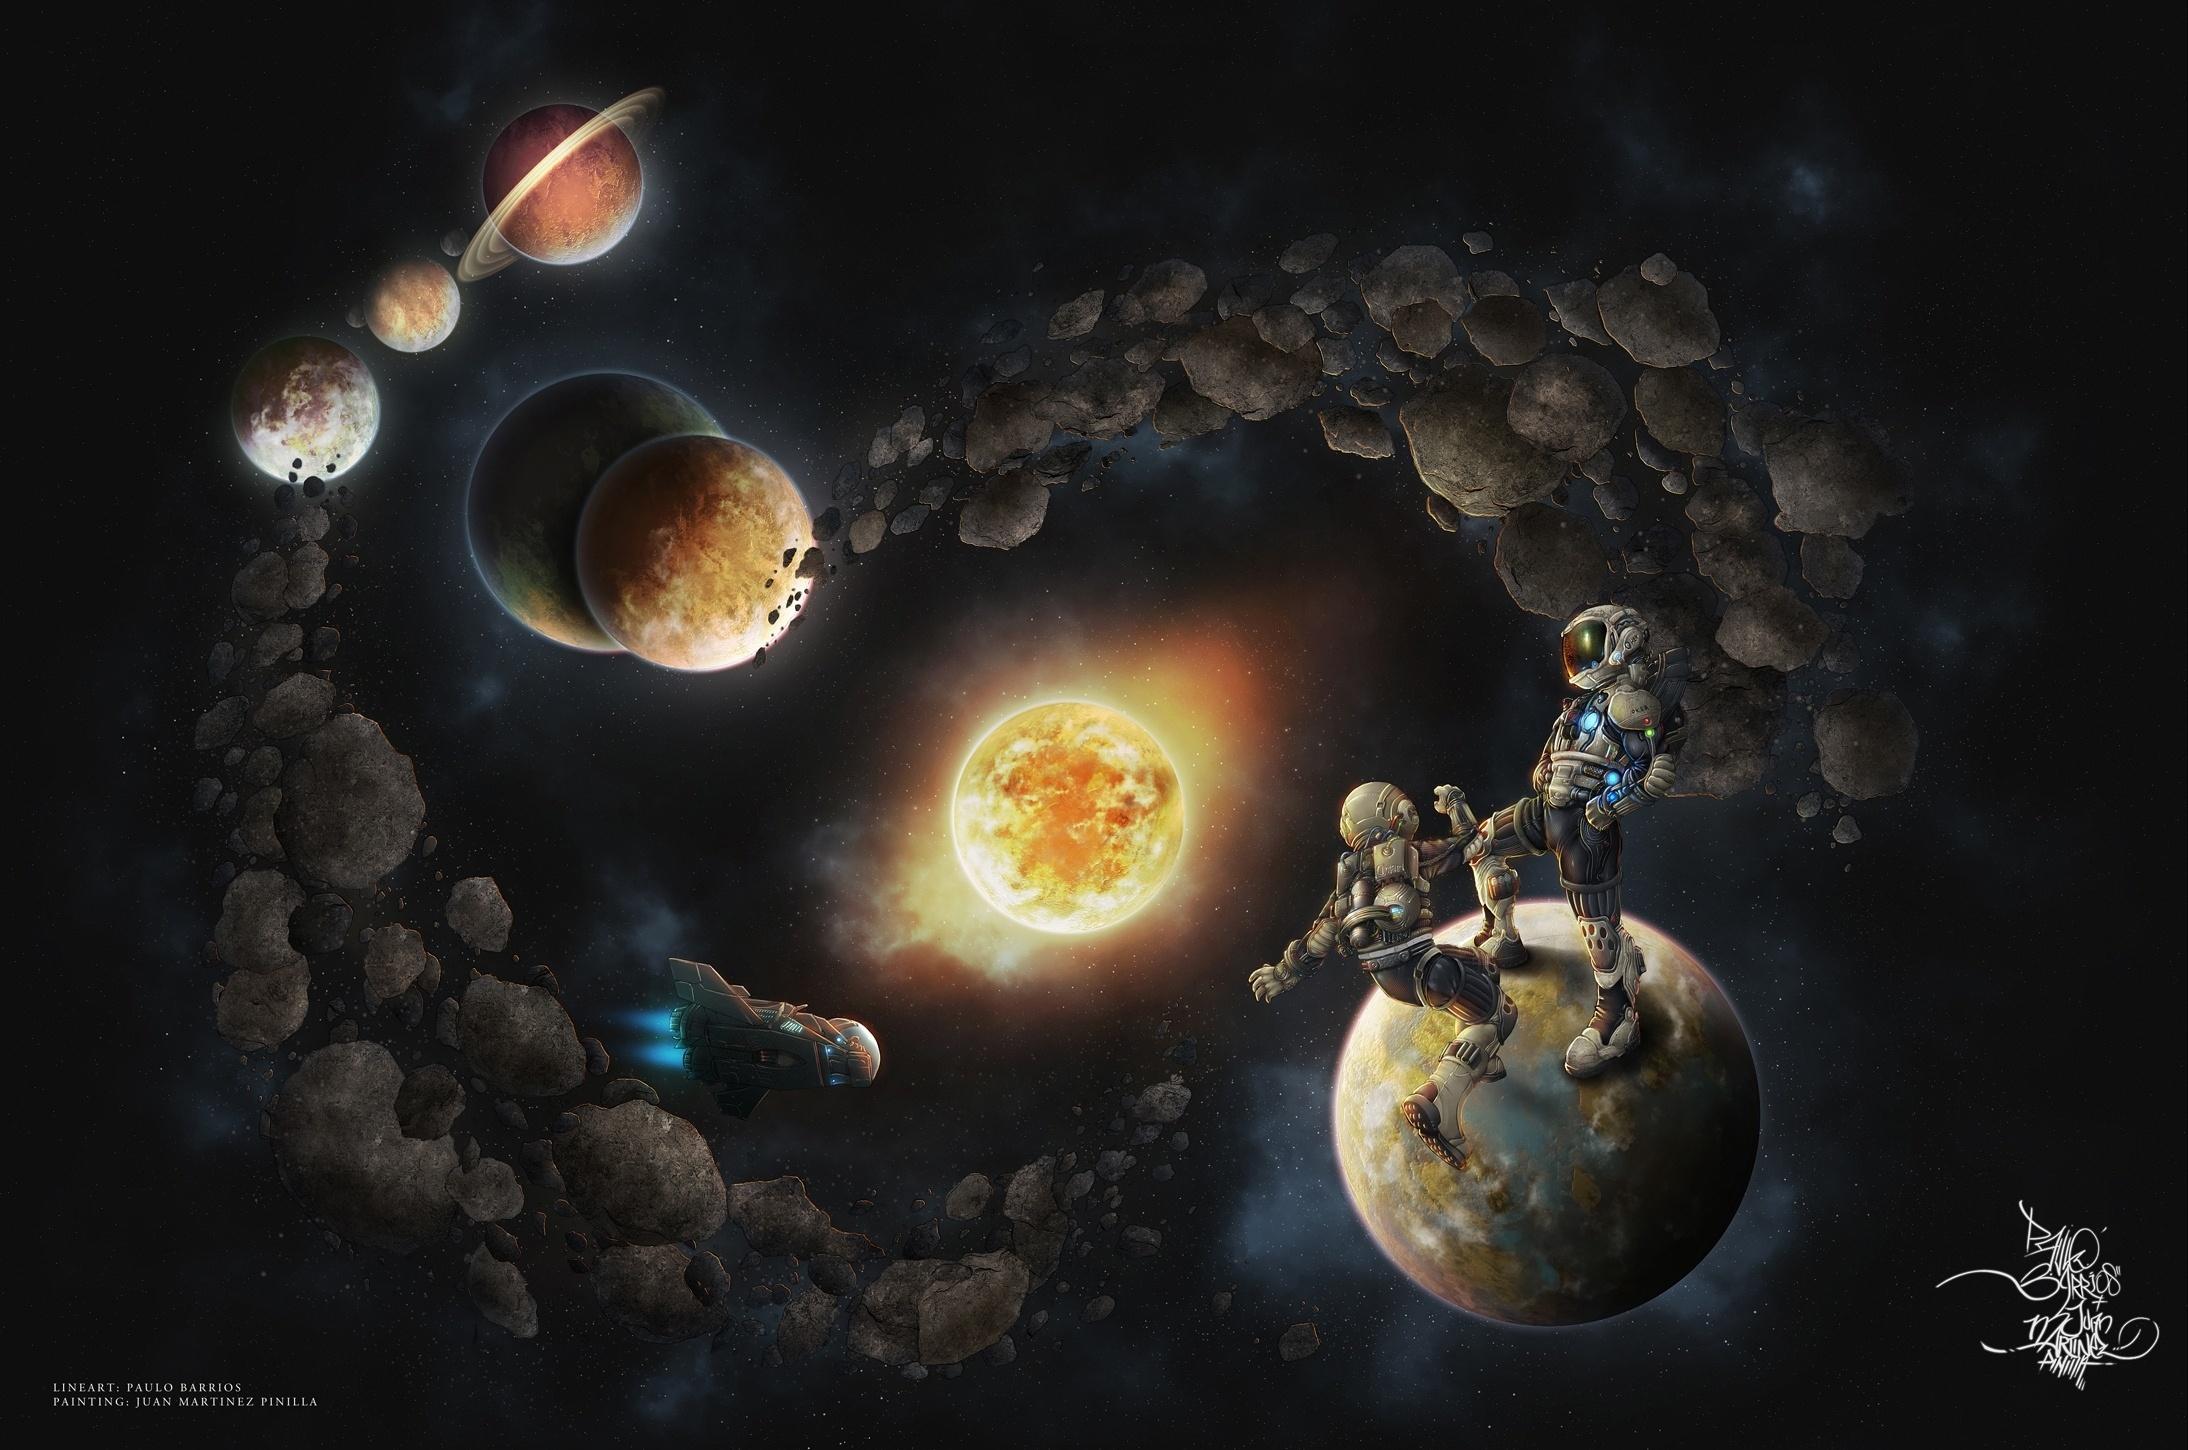 идет фантастические картинки планет солнечной системы диваны